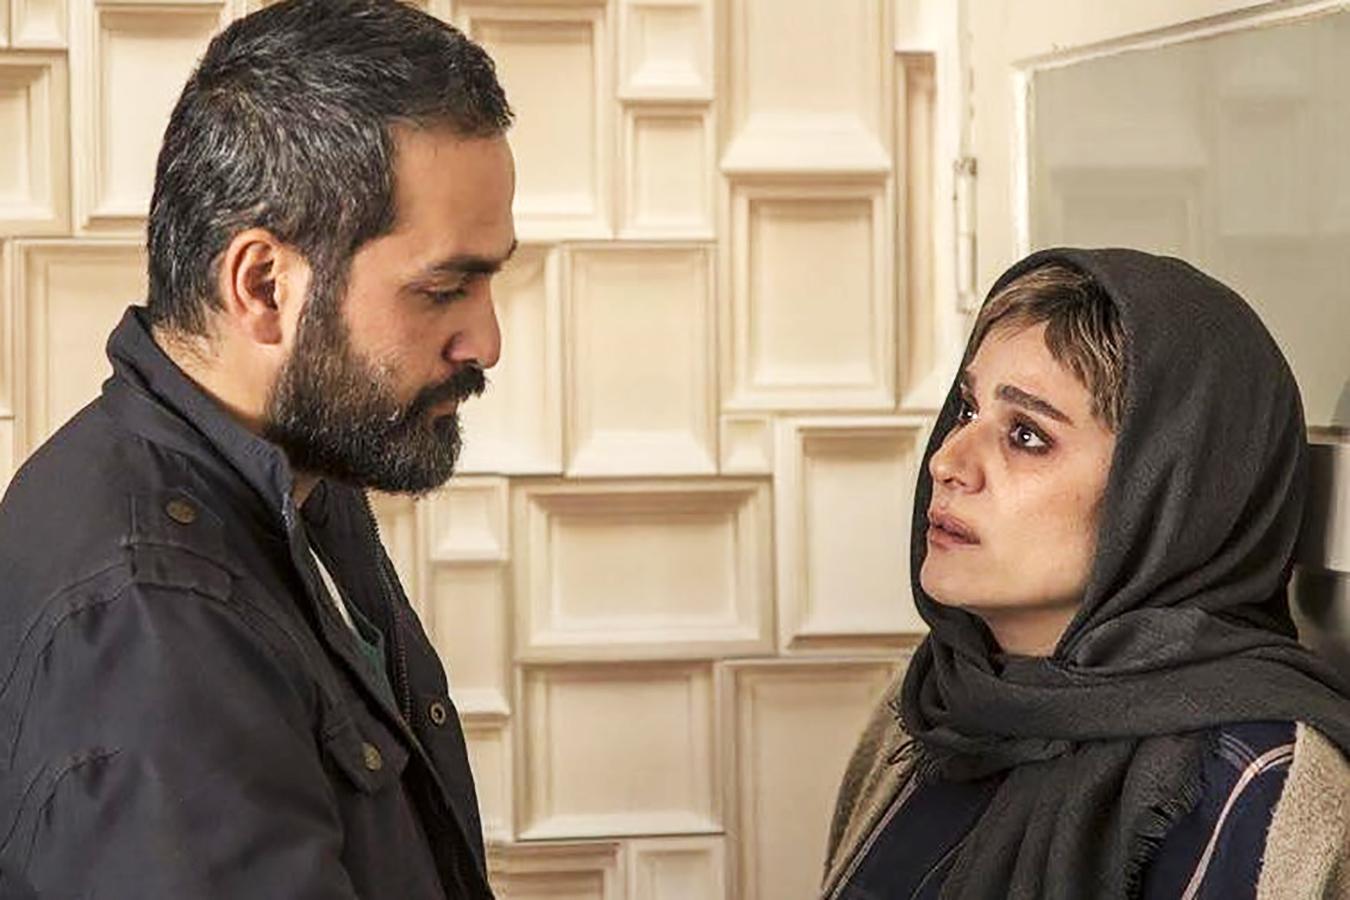 جشنواره فیلم فجر سی و ششم نقد فیلم «امیر»: چشم نواز اما بی روح